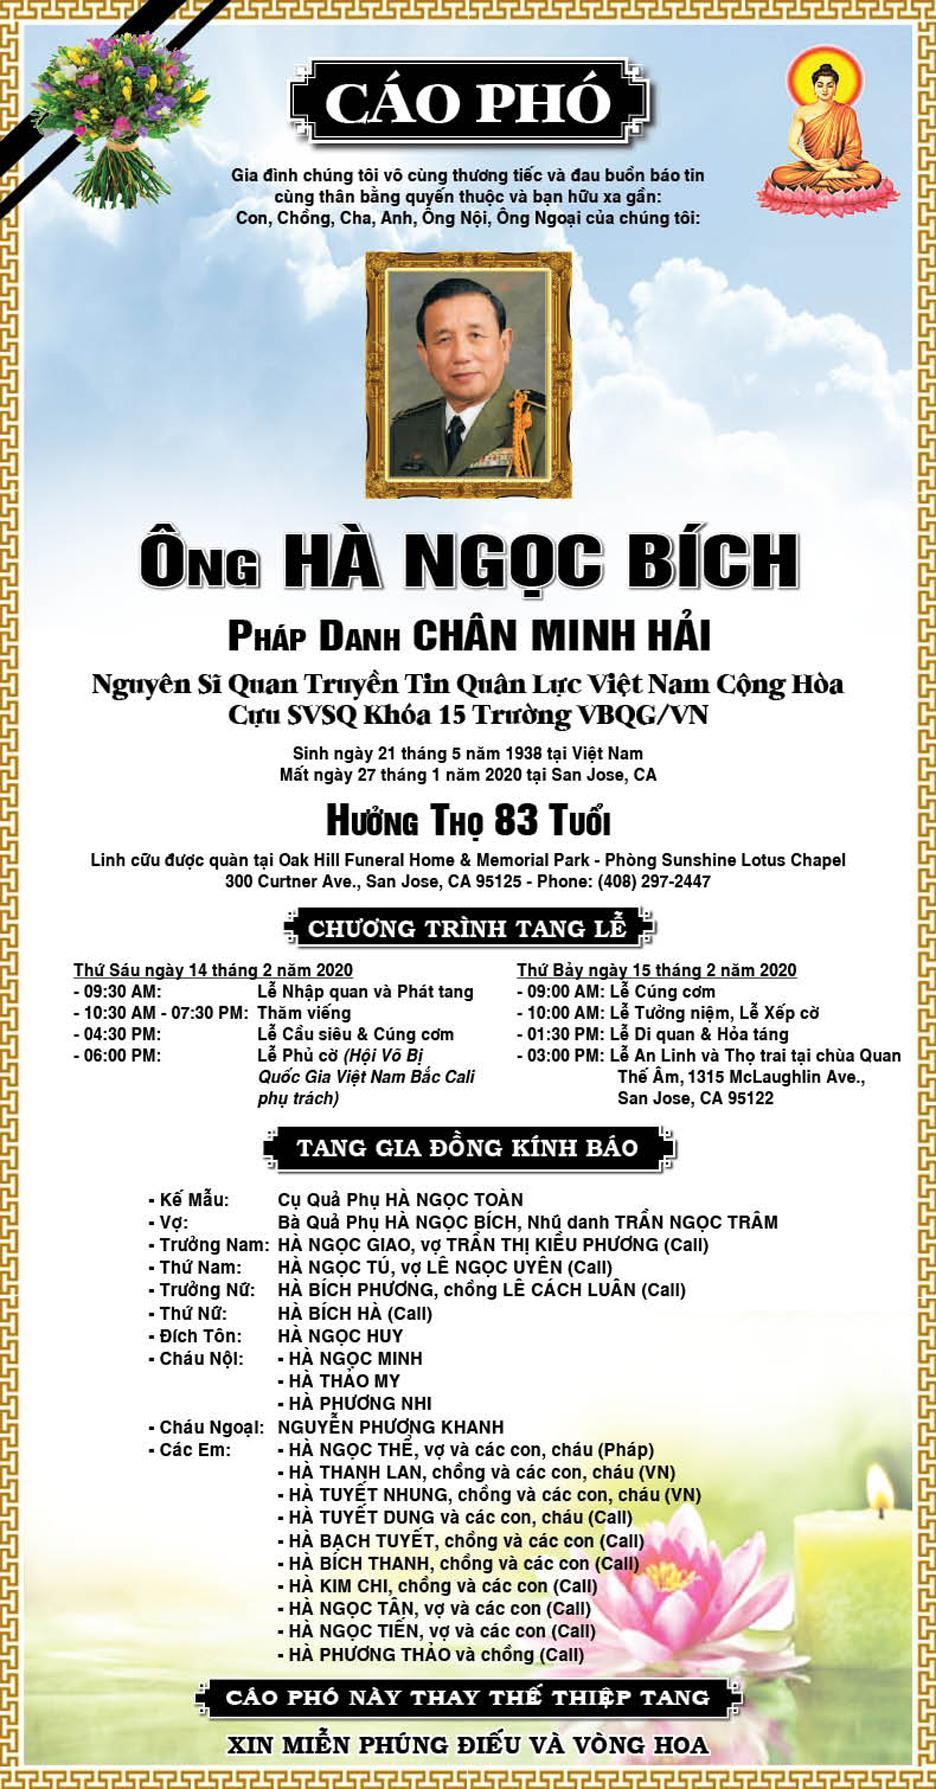 CaoPho-Ong-Ha-Ngoc-Bich